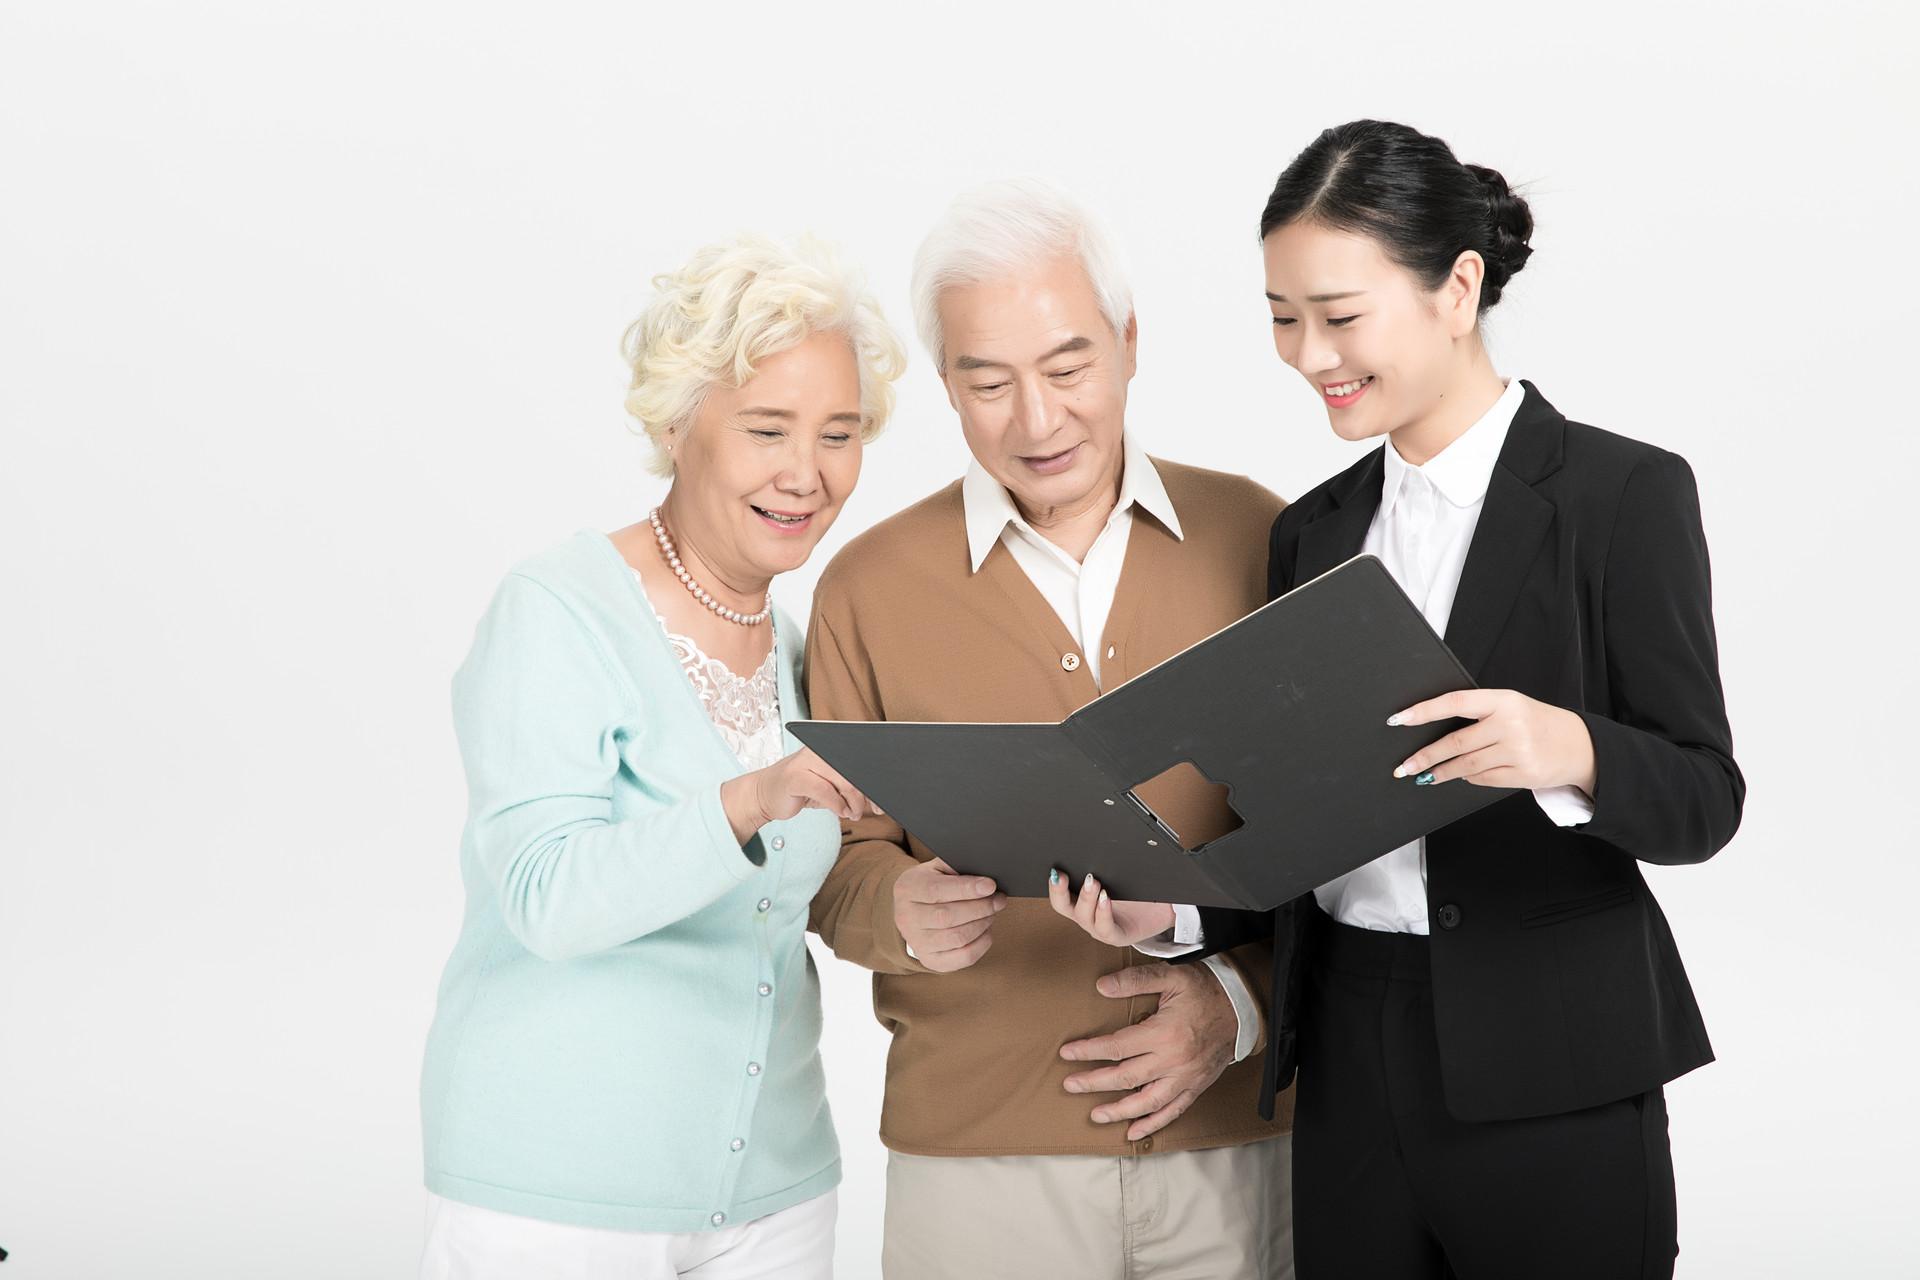 五十岁还可以买社保吗,五十岁怎么买社保